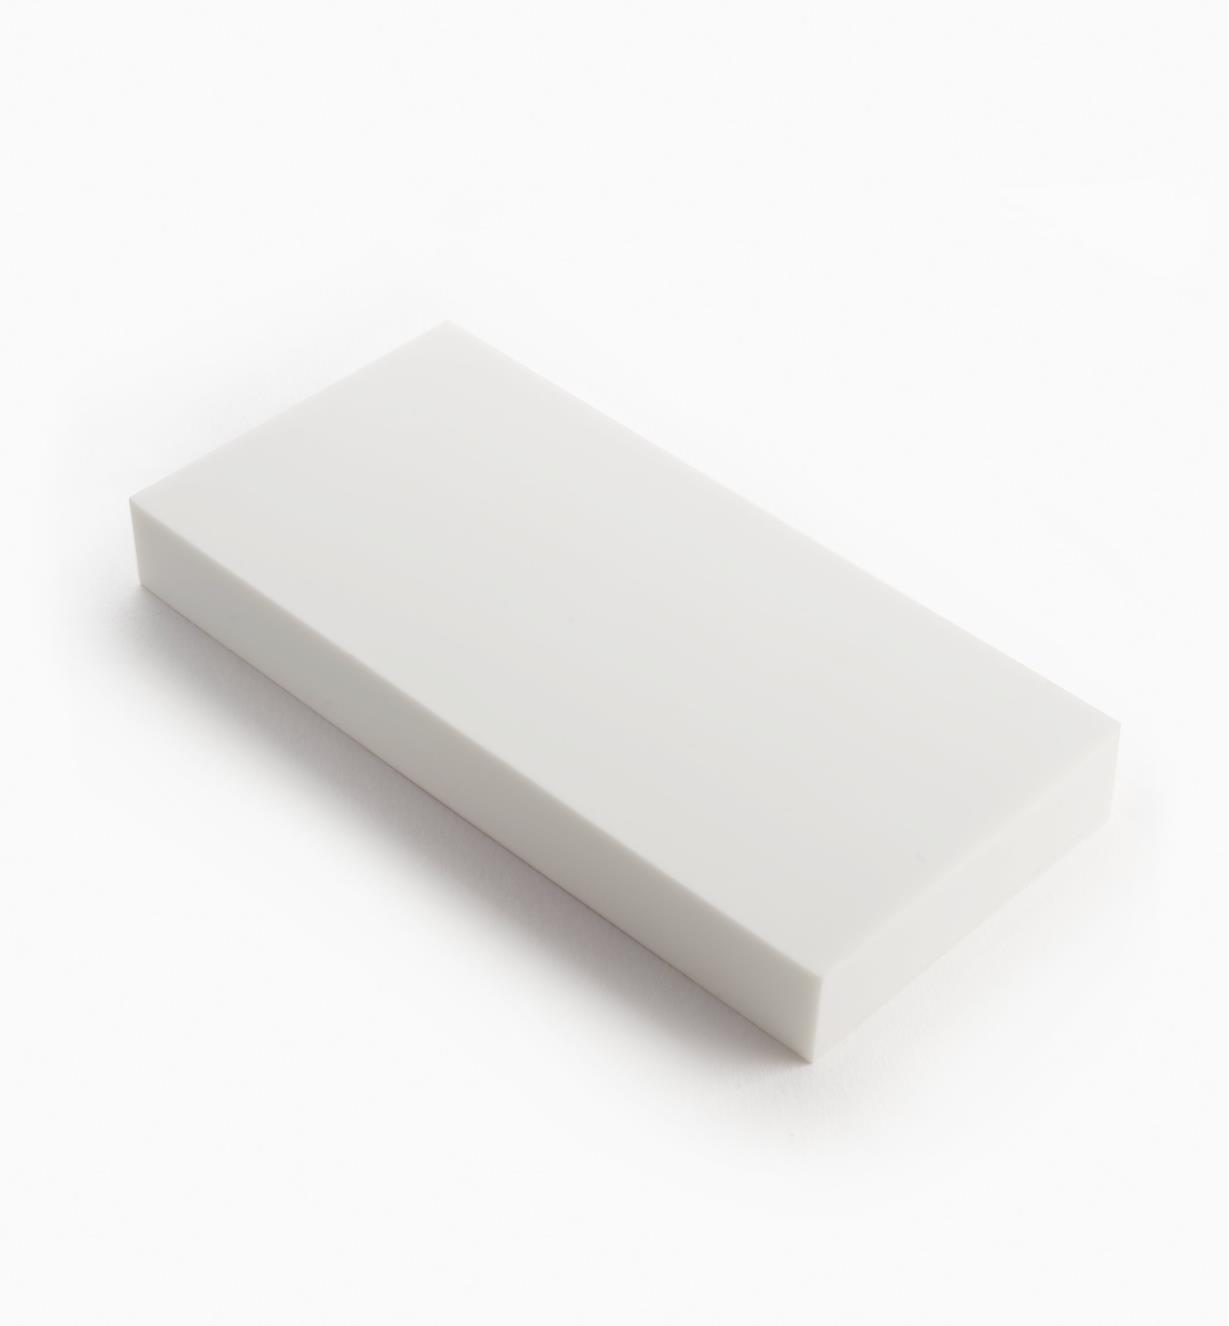 60M2102 - 8000x Ceramic Stone